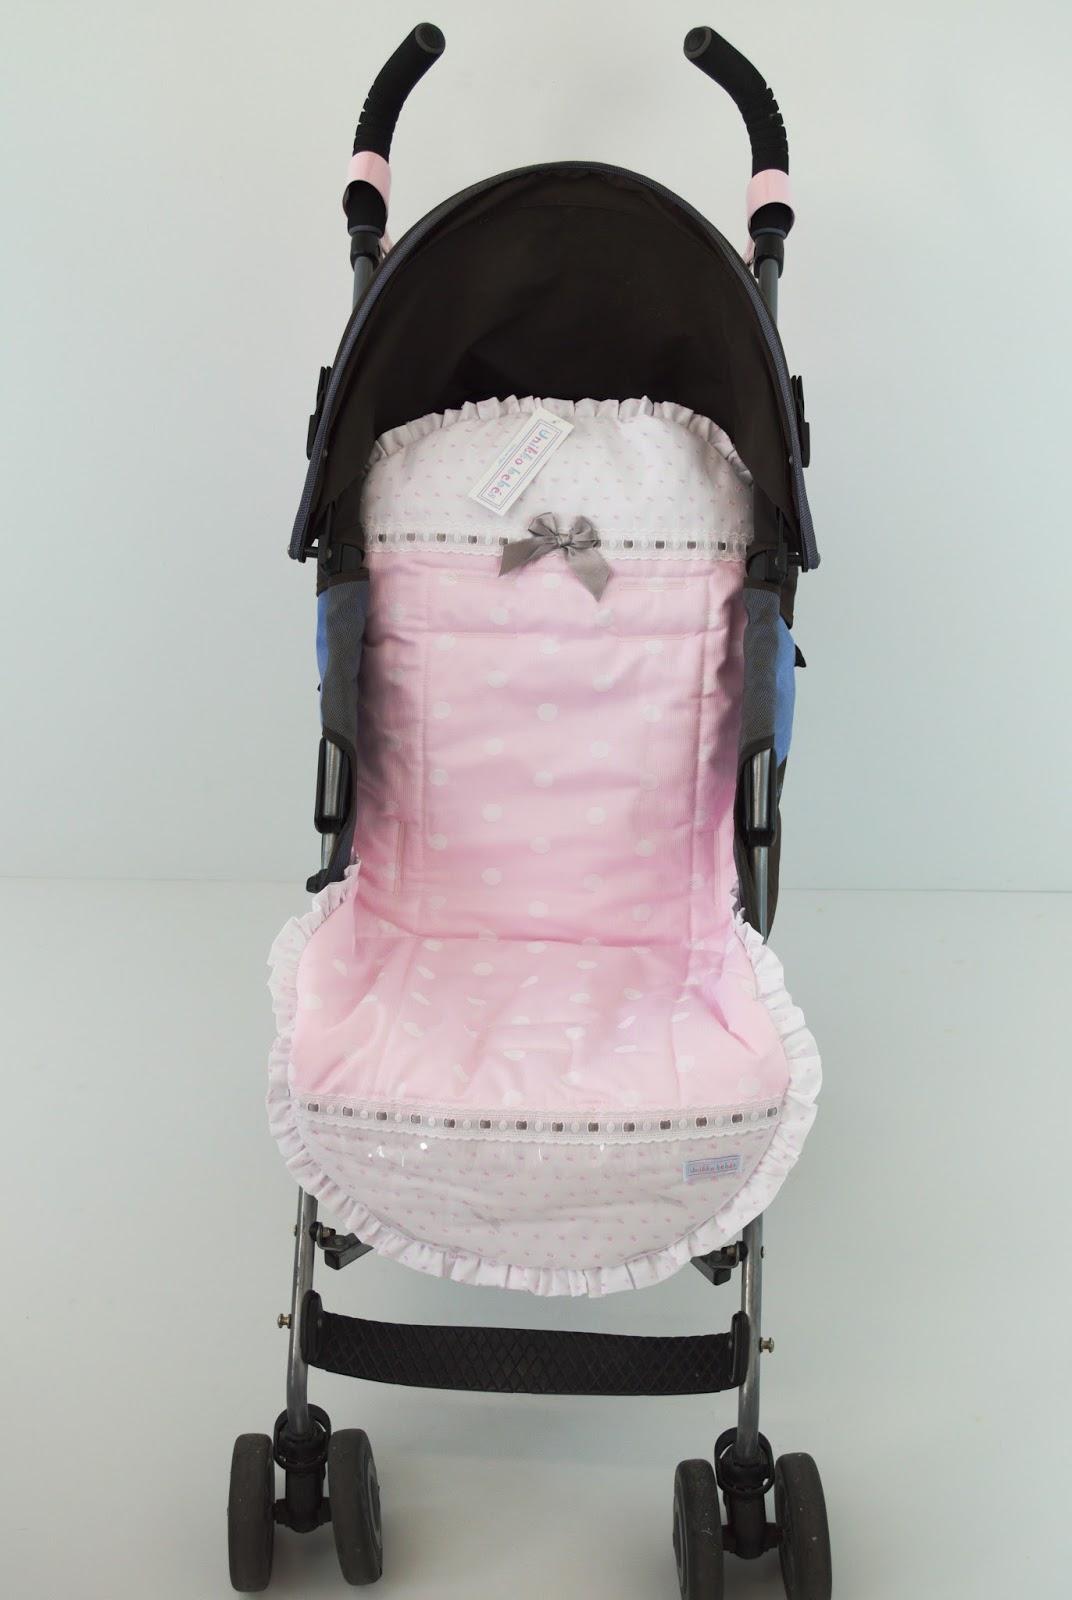 Funda de verano maclaren quest rosa y gris unikko beb s - Sacos para silla maclaren ...